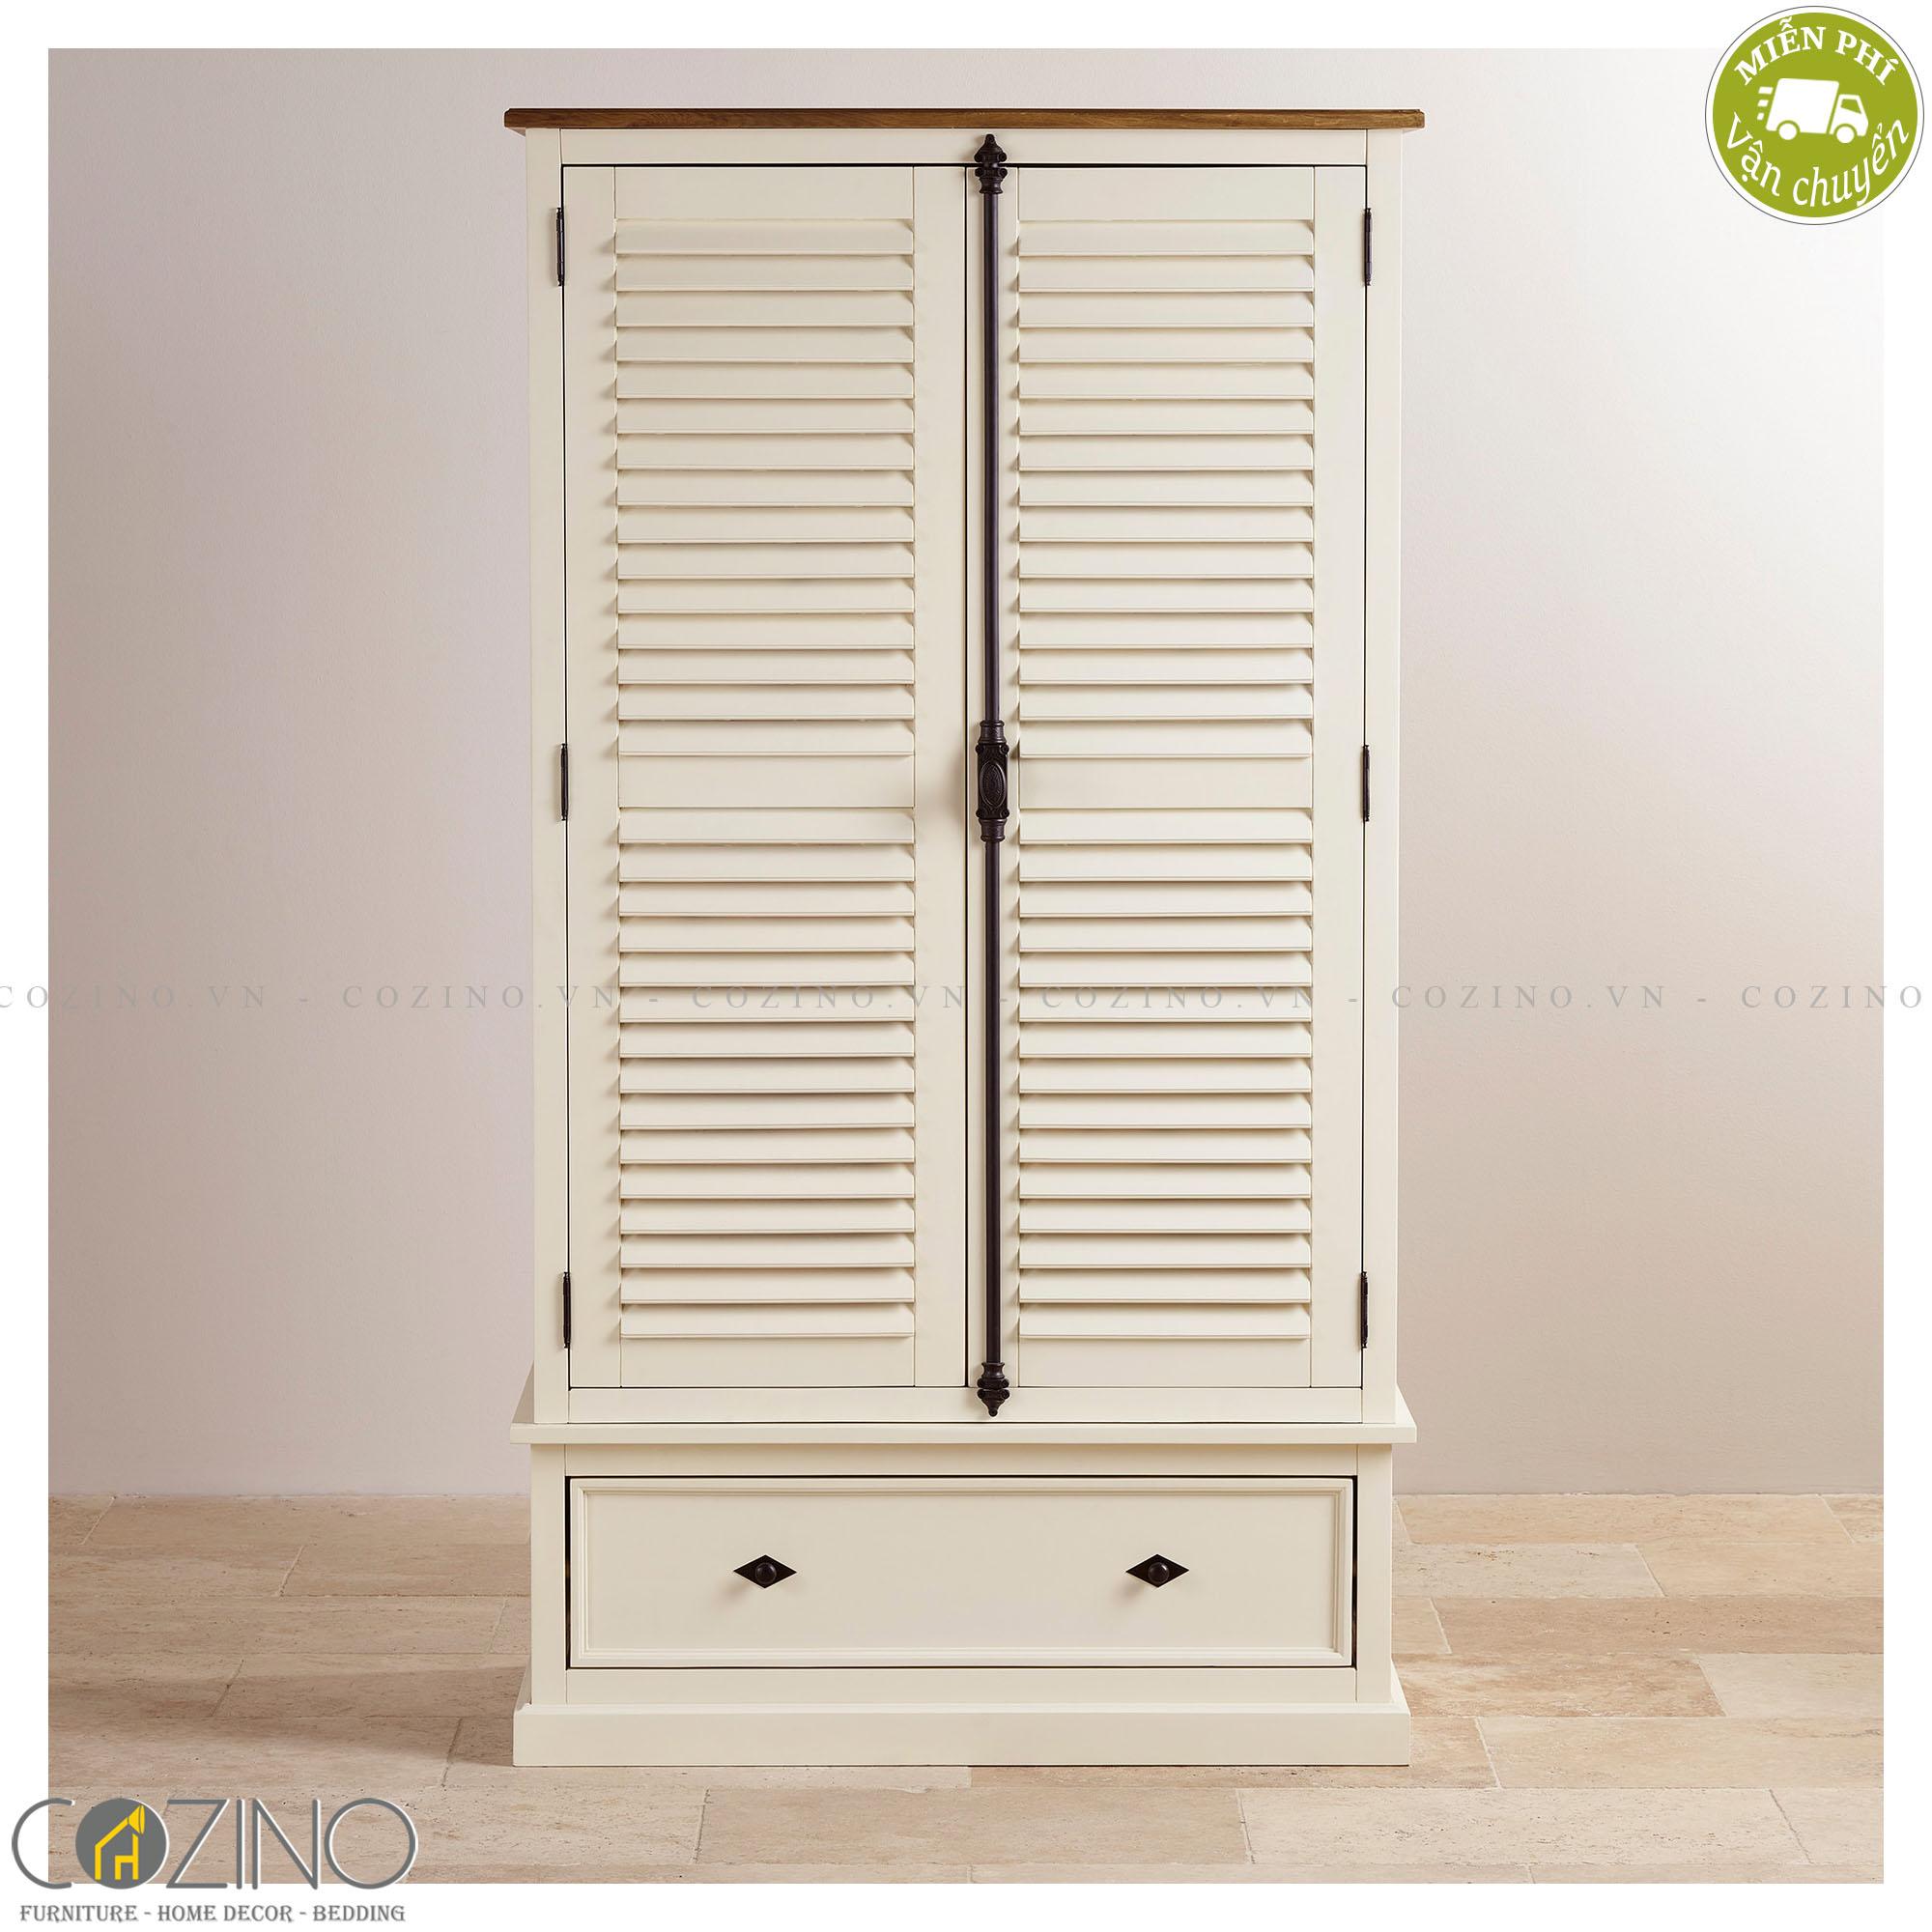 Tủ quần áo Chillon 2 cánh 1 ngăn kéo gỗ sồi 1m4 - Cozino